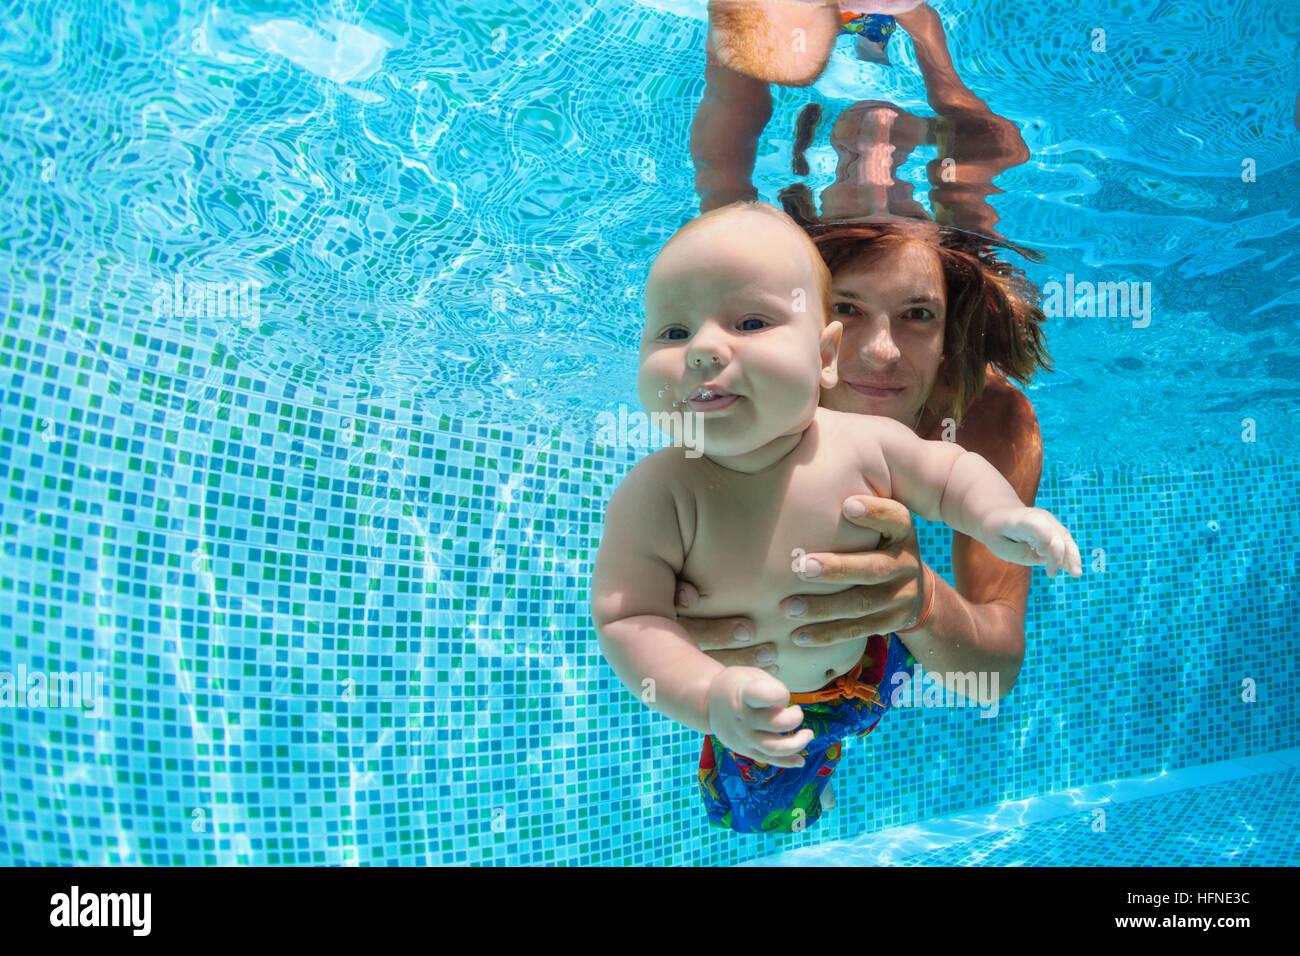 Remise en forme de la famille. père tenir en mains son bébé sous l'eau plongée apprentissage Photo Stock